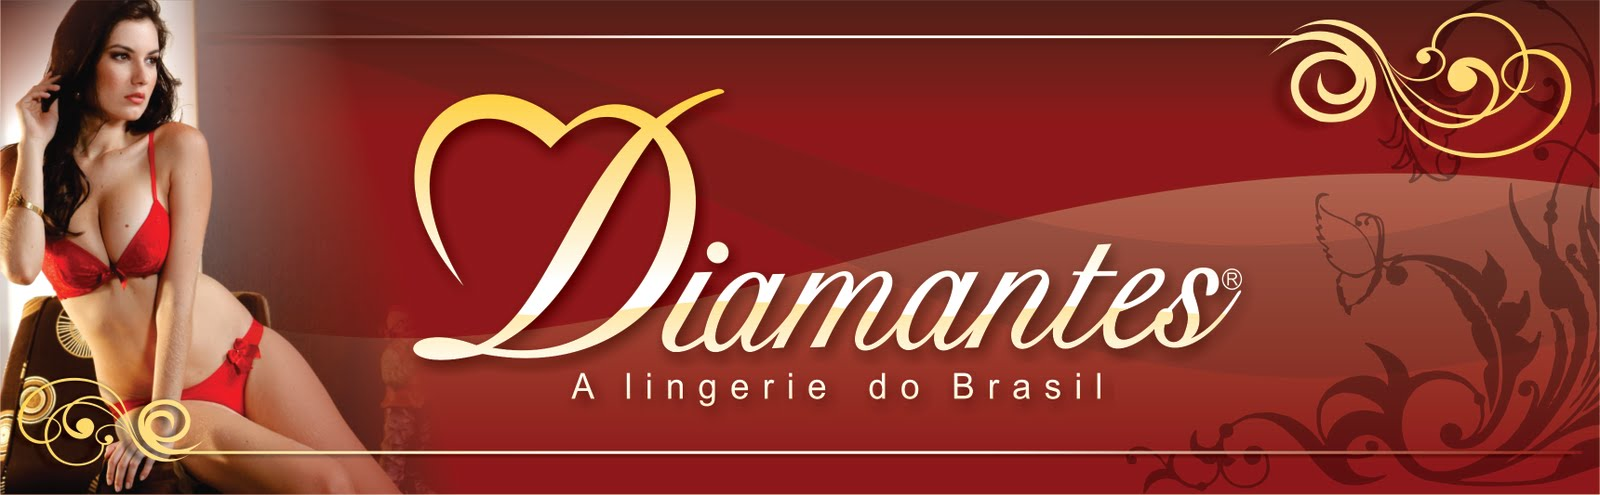 c546e171d Sejam bem vindos a Diamantes Lingerie e preparem-se